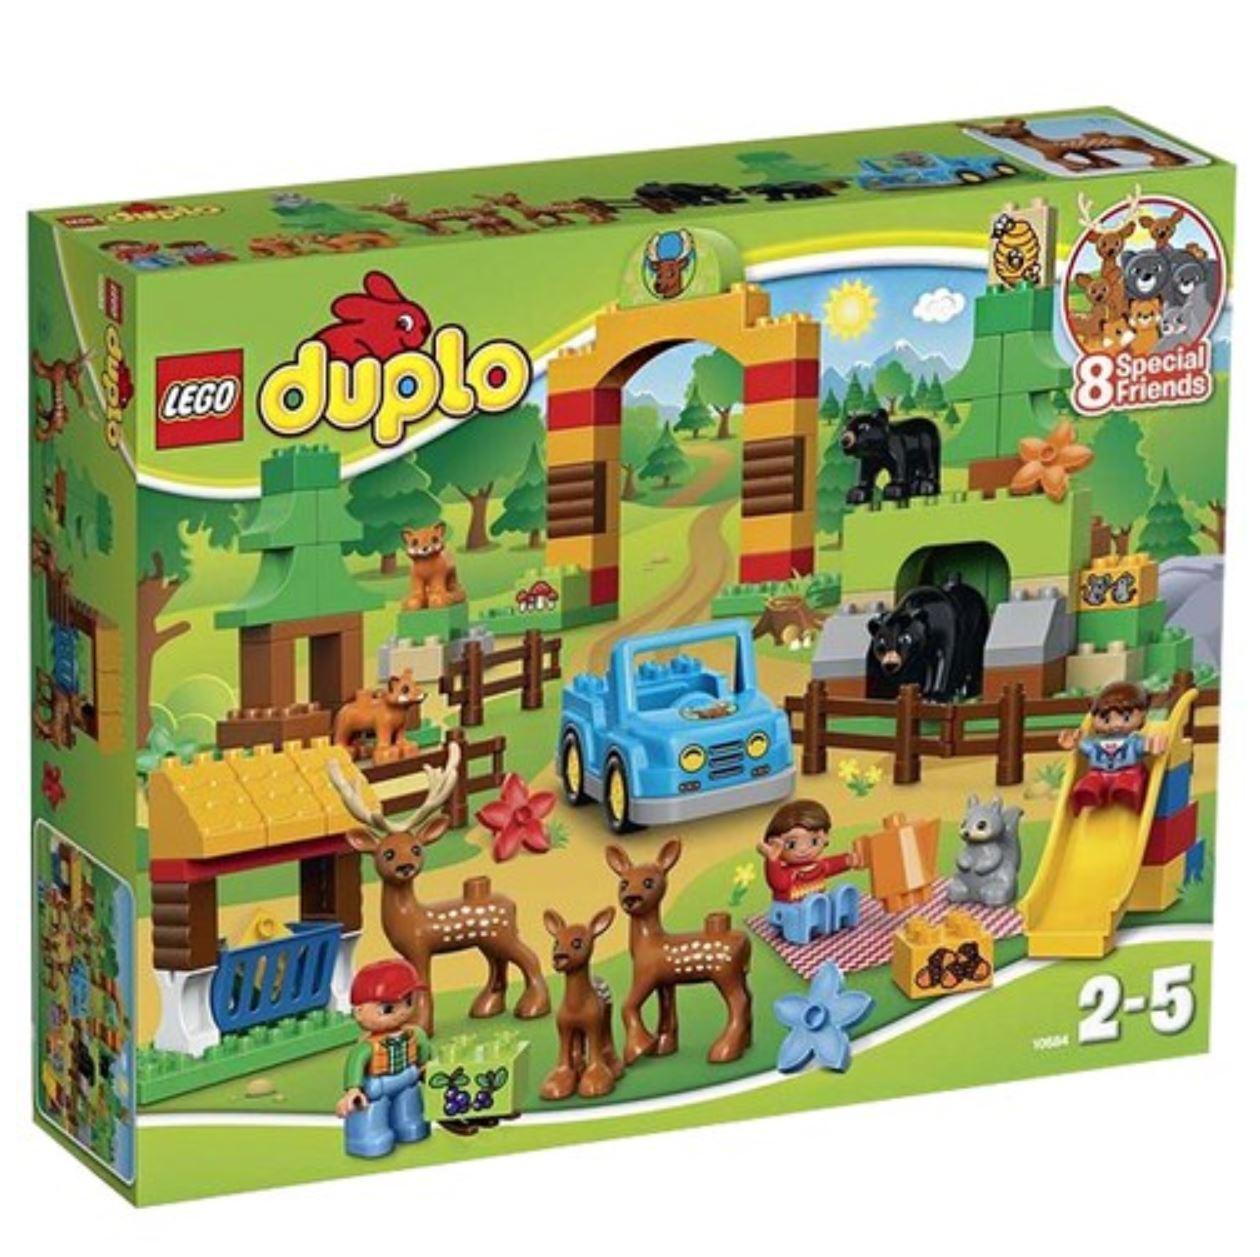 popolare [LEGO] Duplo 10584 Creative Play Forest Park 2015 2015 2015 Version gratuito Shipping  la migliore selezione di